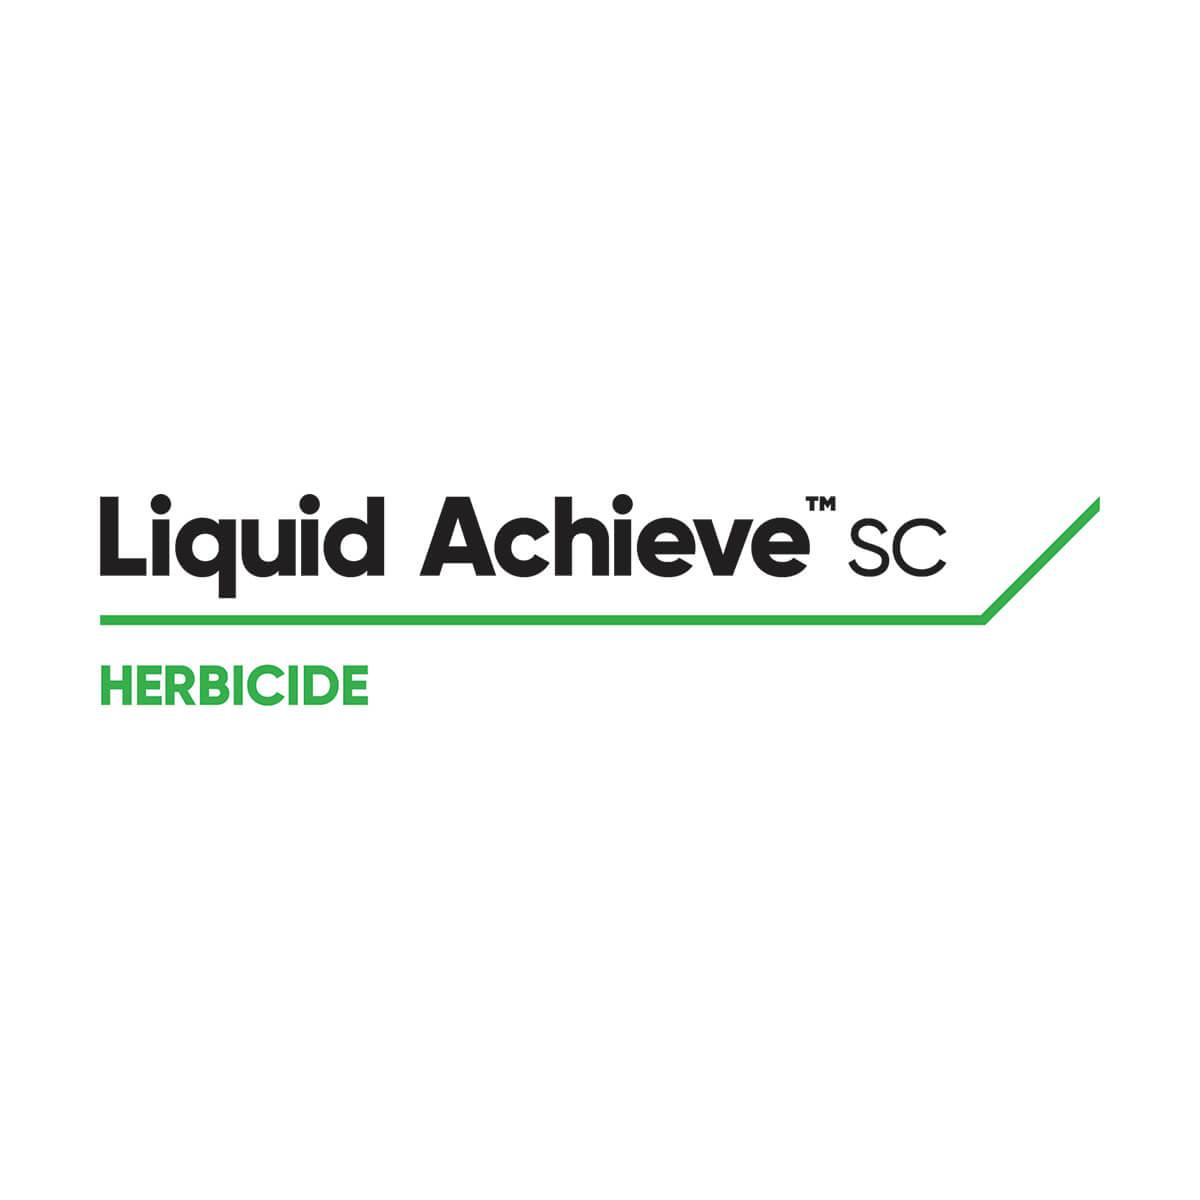 LIQUID ACHIEVE SC - 480 Acre Drum